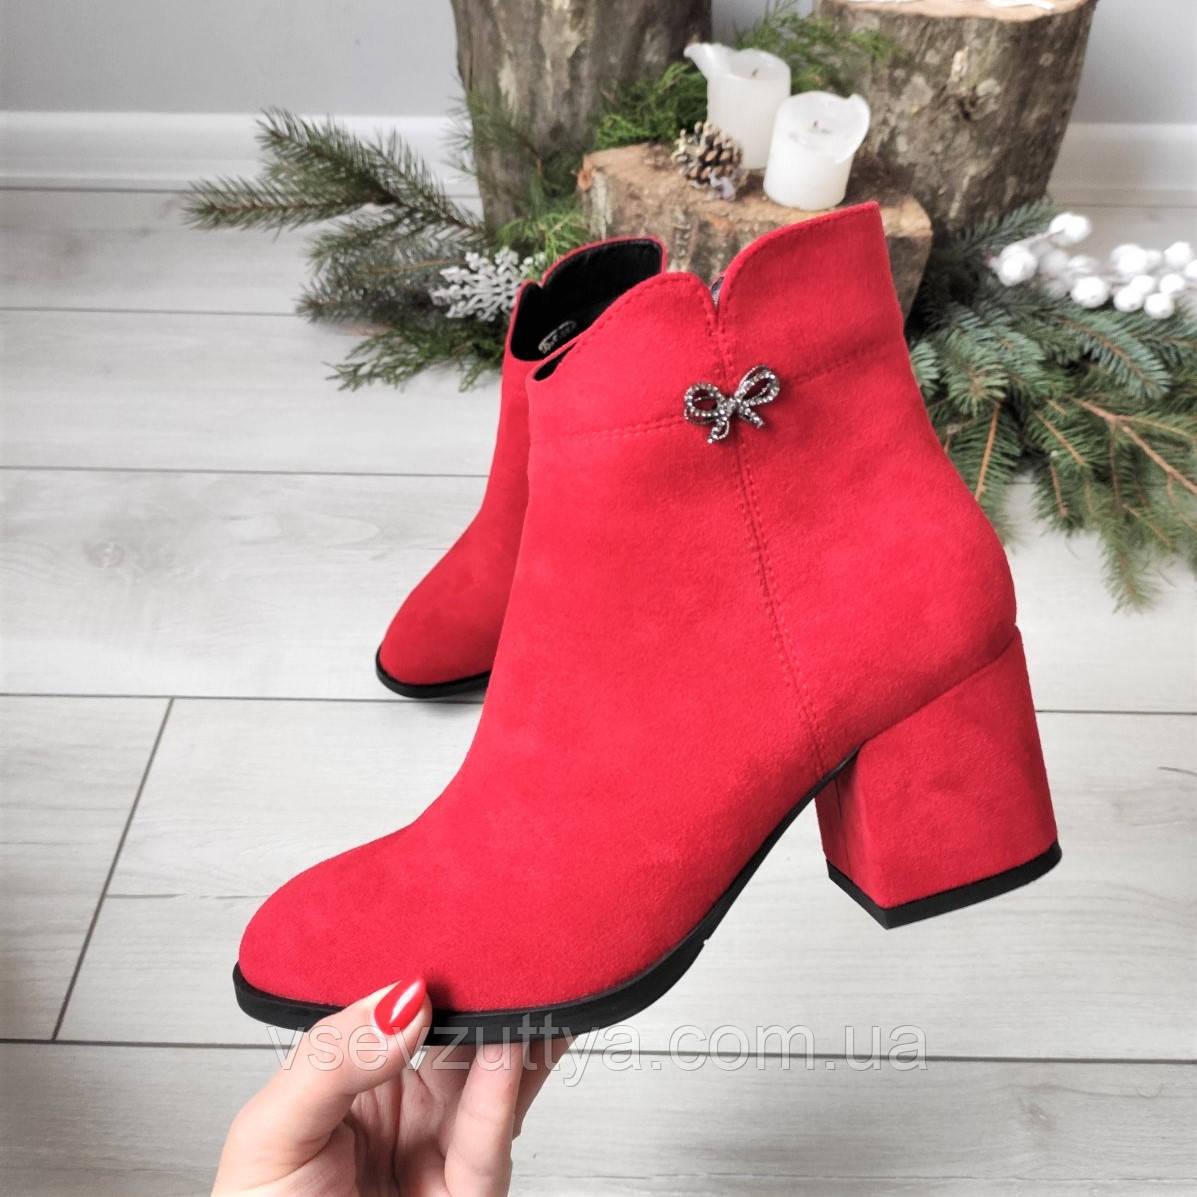 Черевики жіночі демісезонні червоні на каблуку екозамша